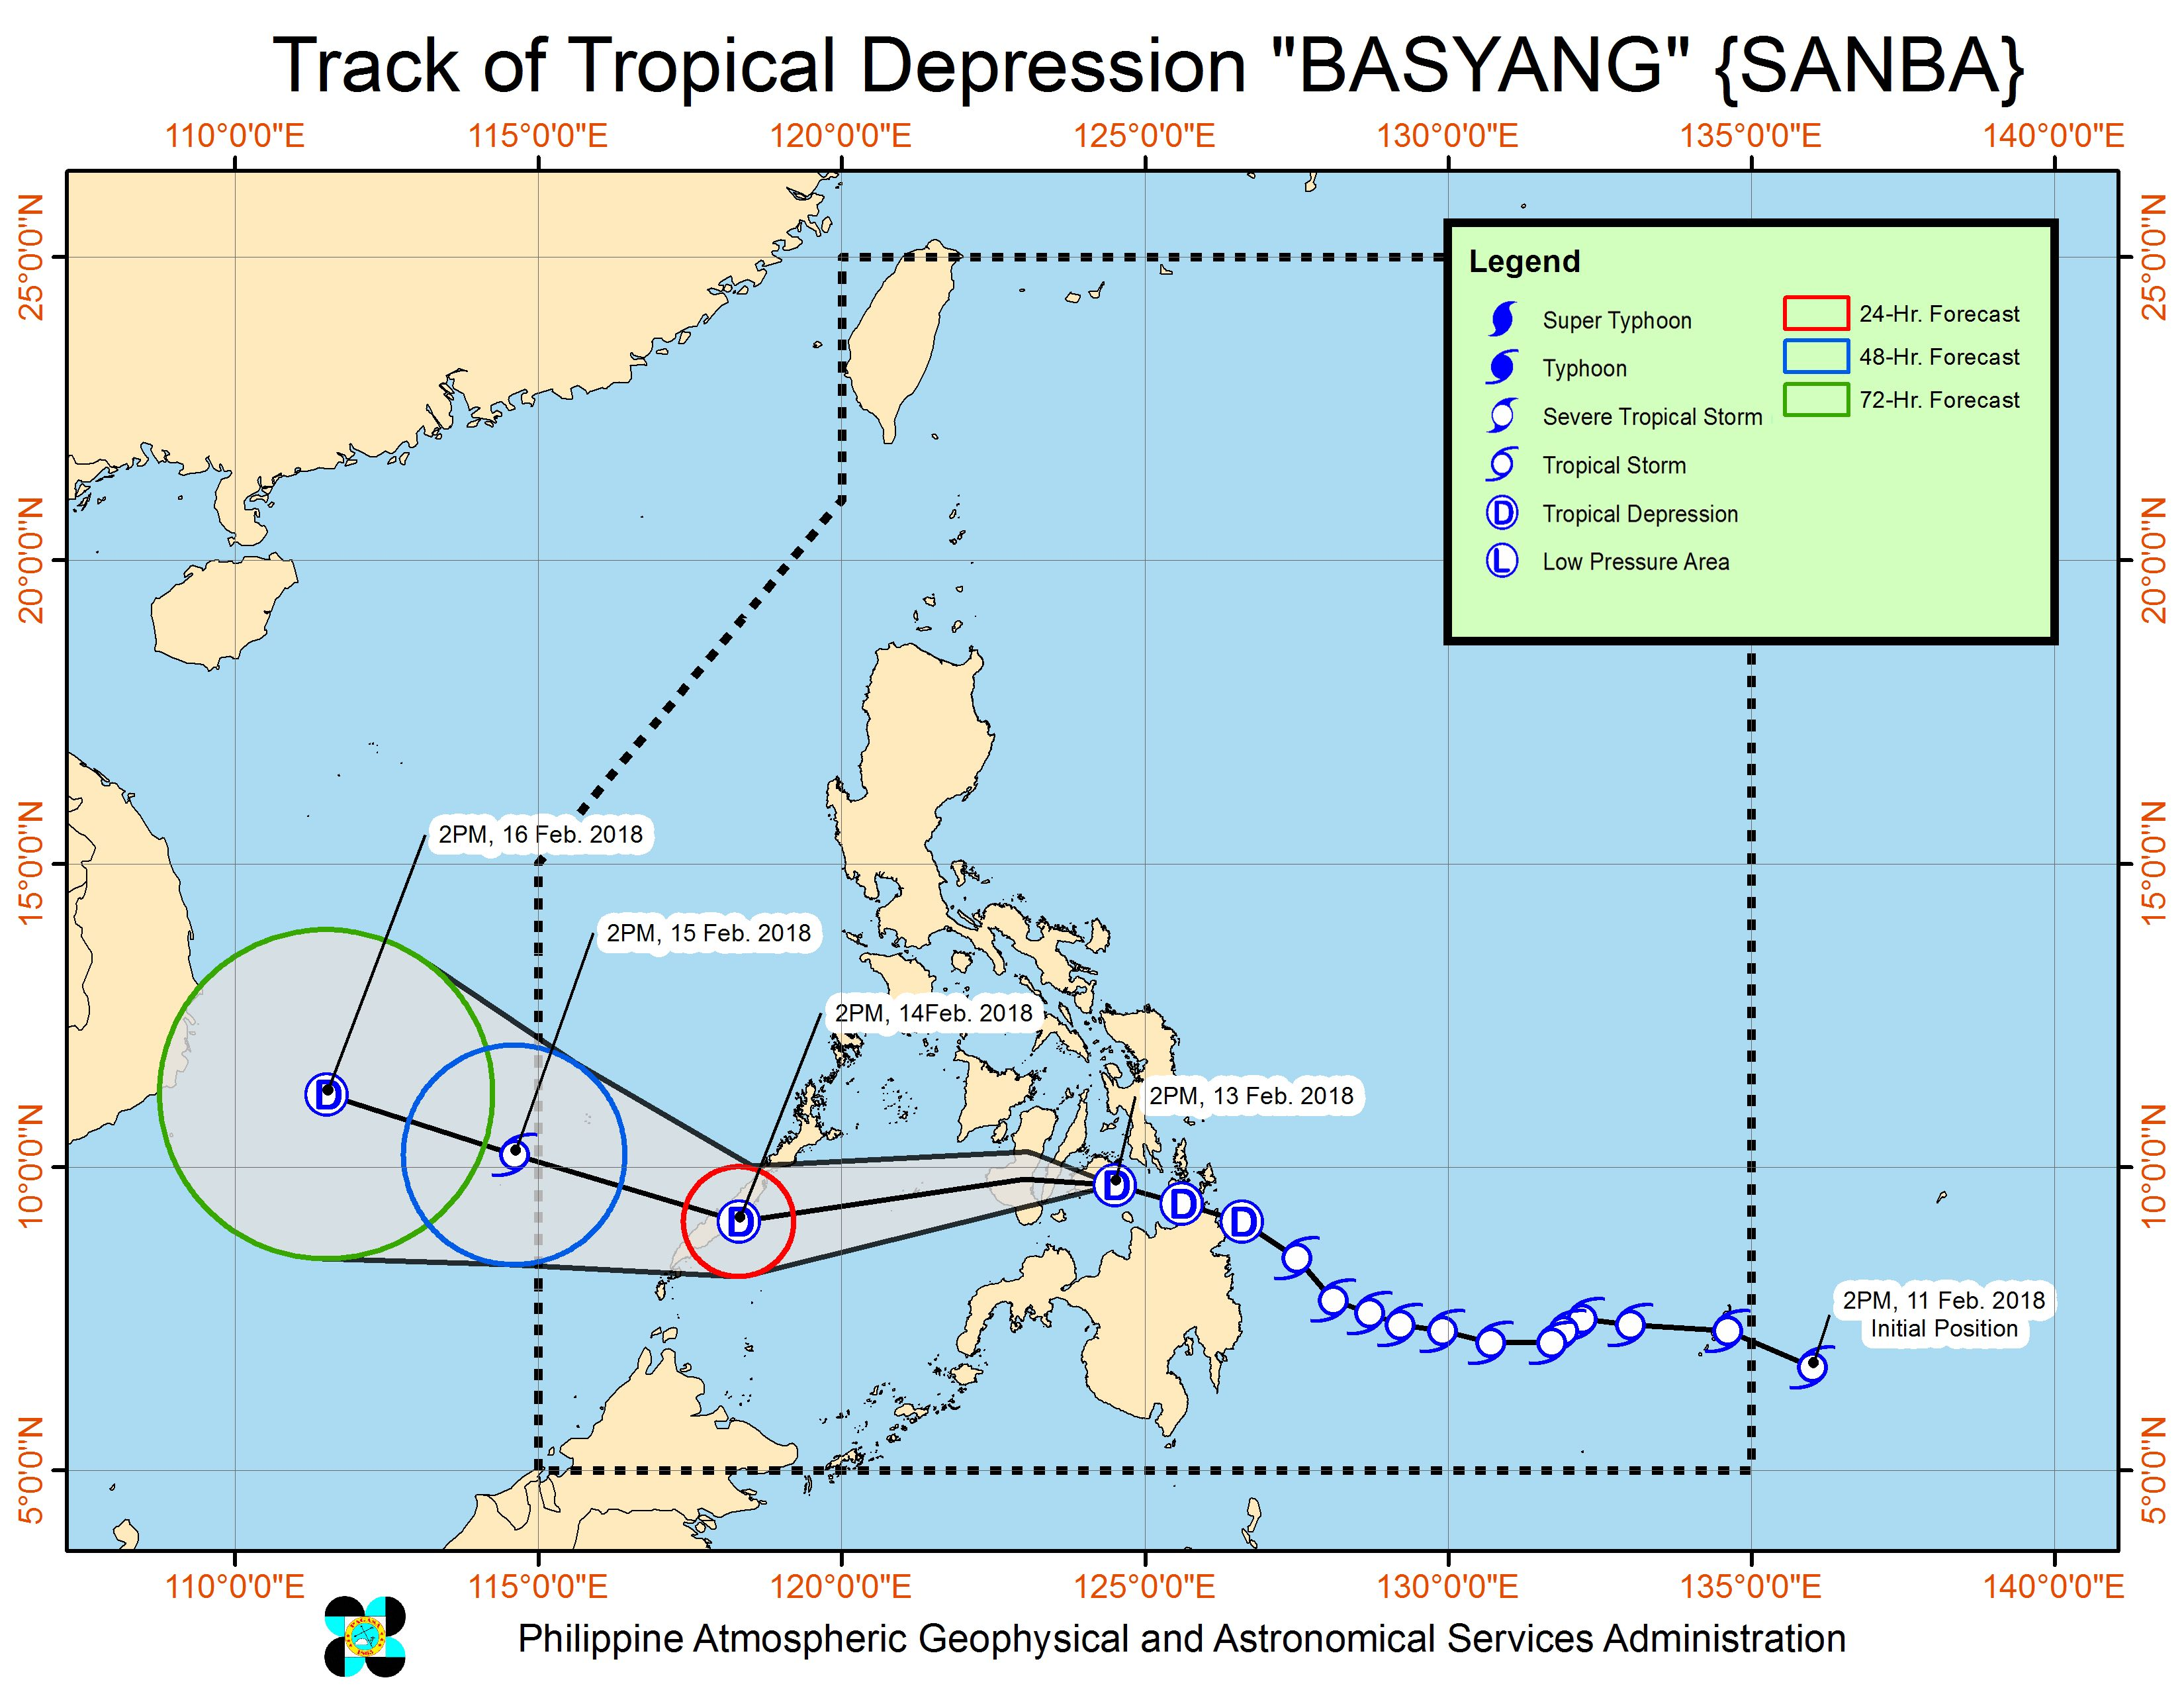 Tropical Depression Basyang slightly weakens over Bohol Sea